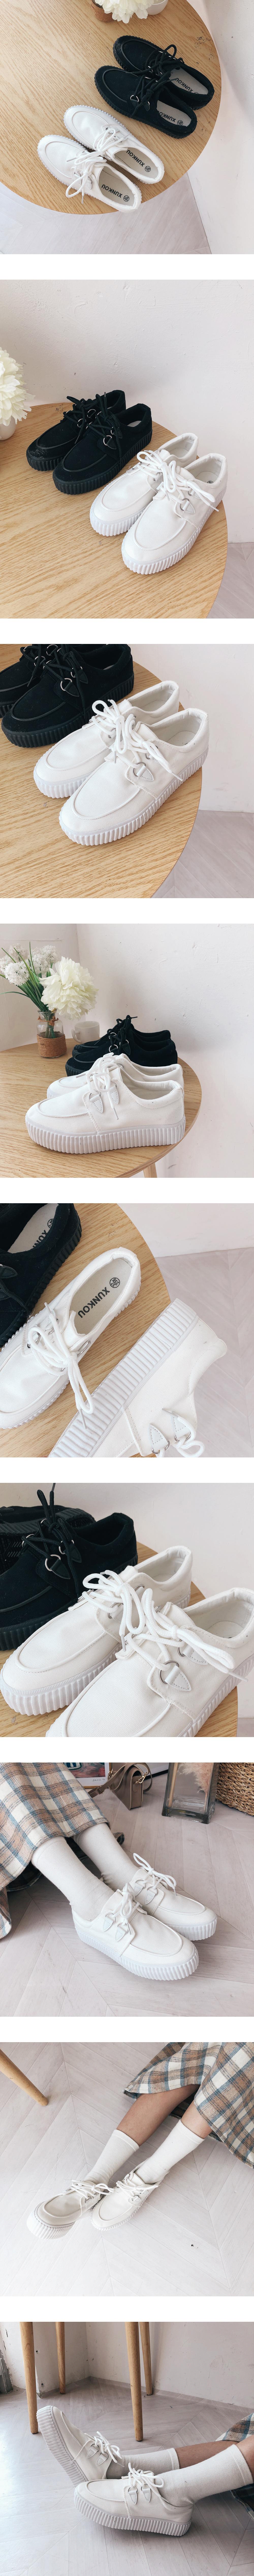 8692 loop sneakers